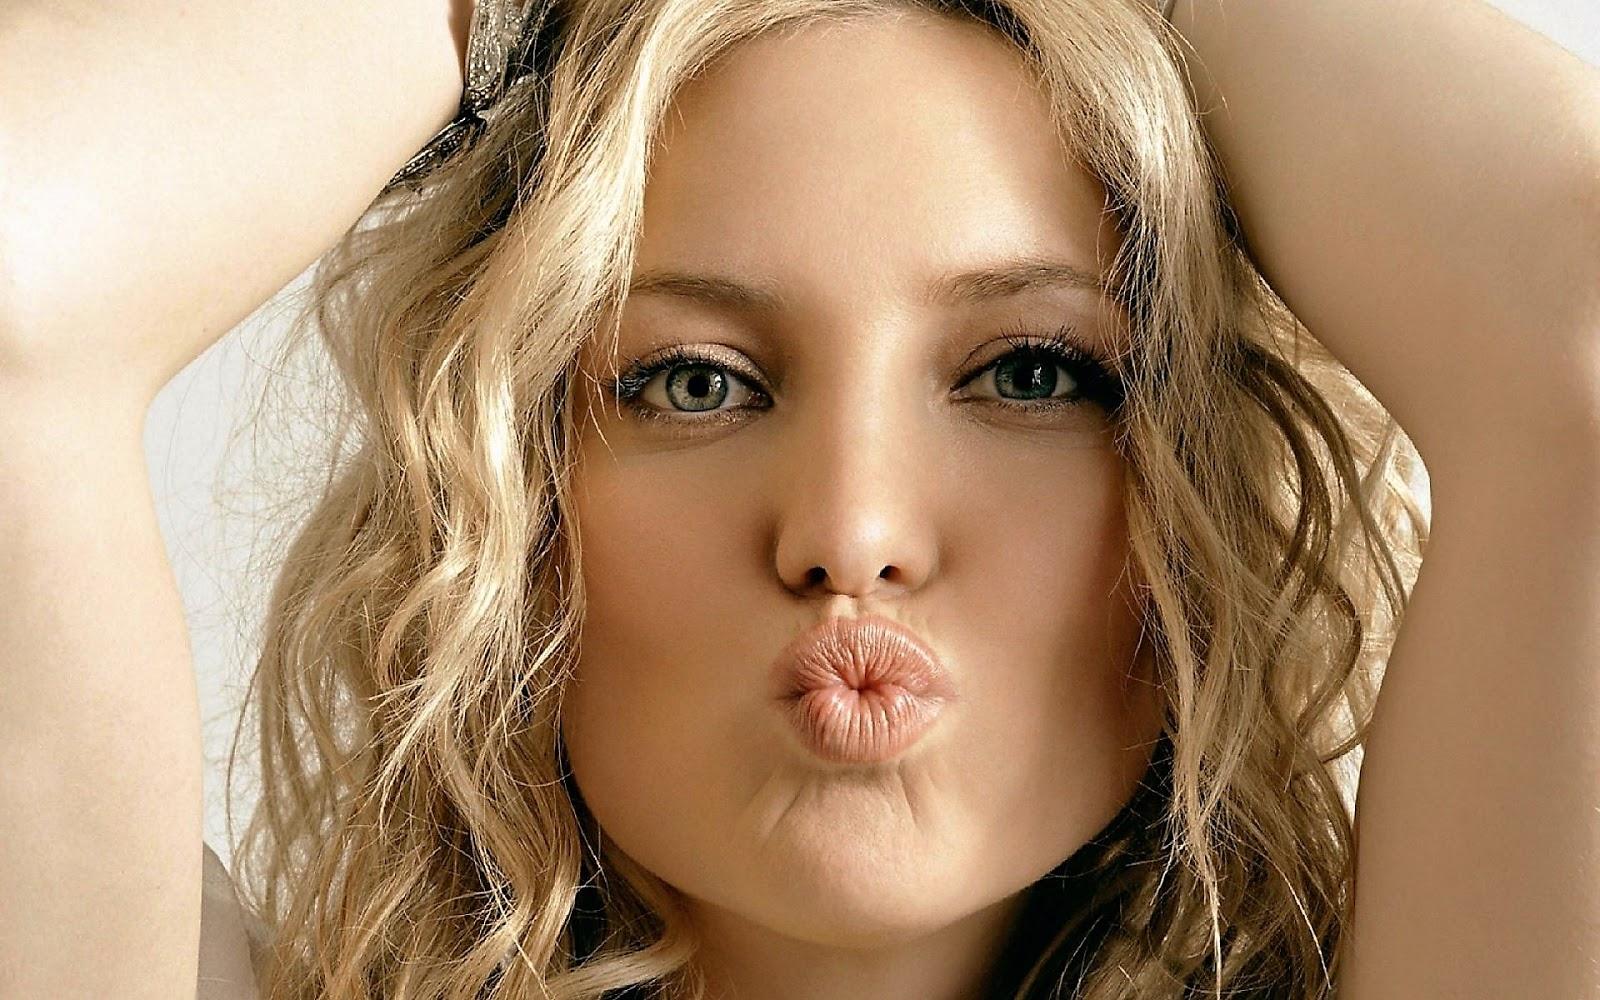 Fieggentrio: Zoenen: Buitenlands kussen. Kate Hudson Wisconsin